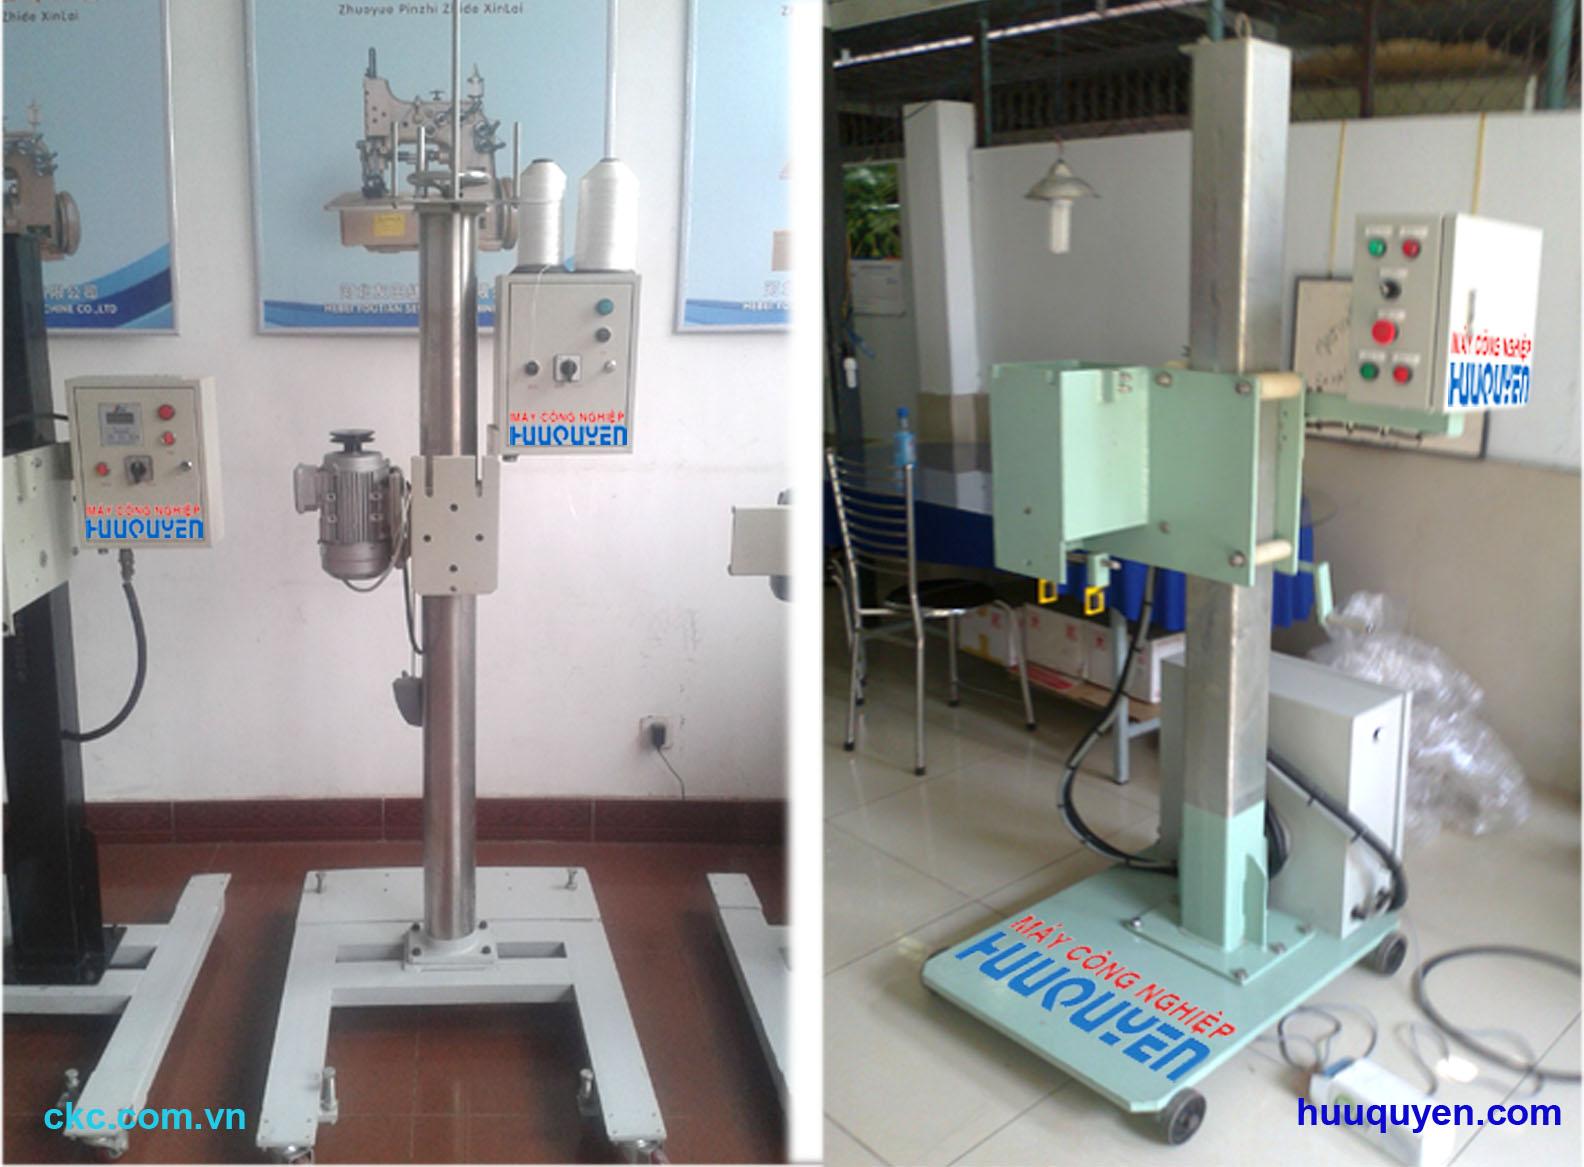 Trụ đỡ và tủ điều khiển tự động cho máy khâu miệng bao công nghiệp